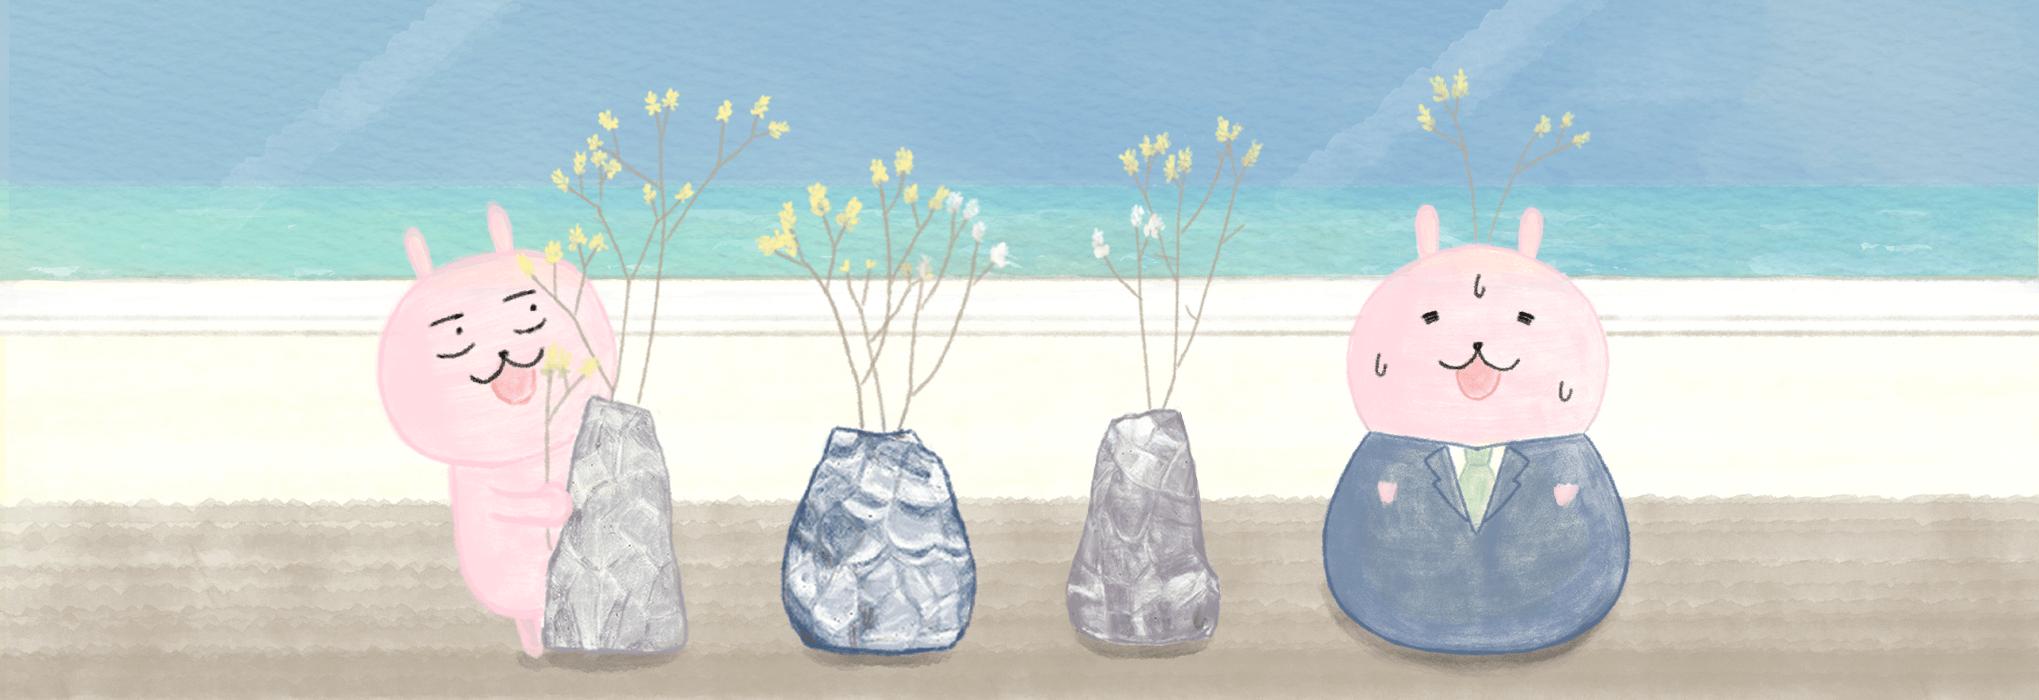 うさぎと海と花瓶のイラスト